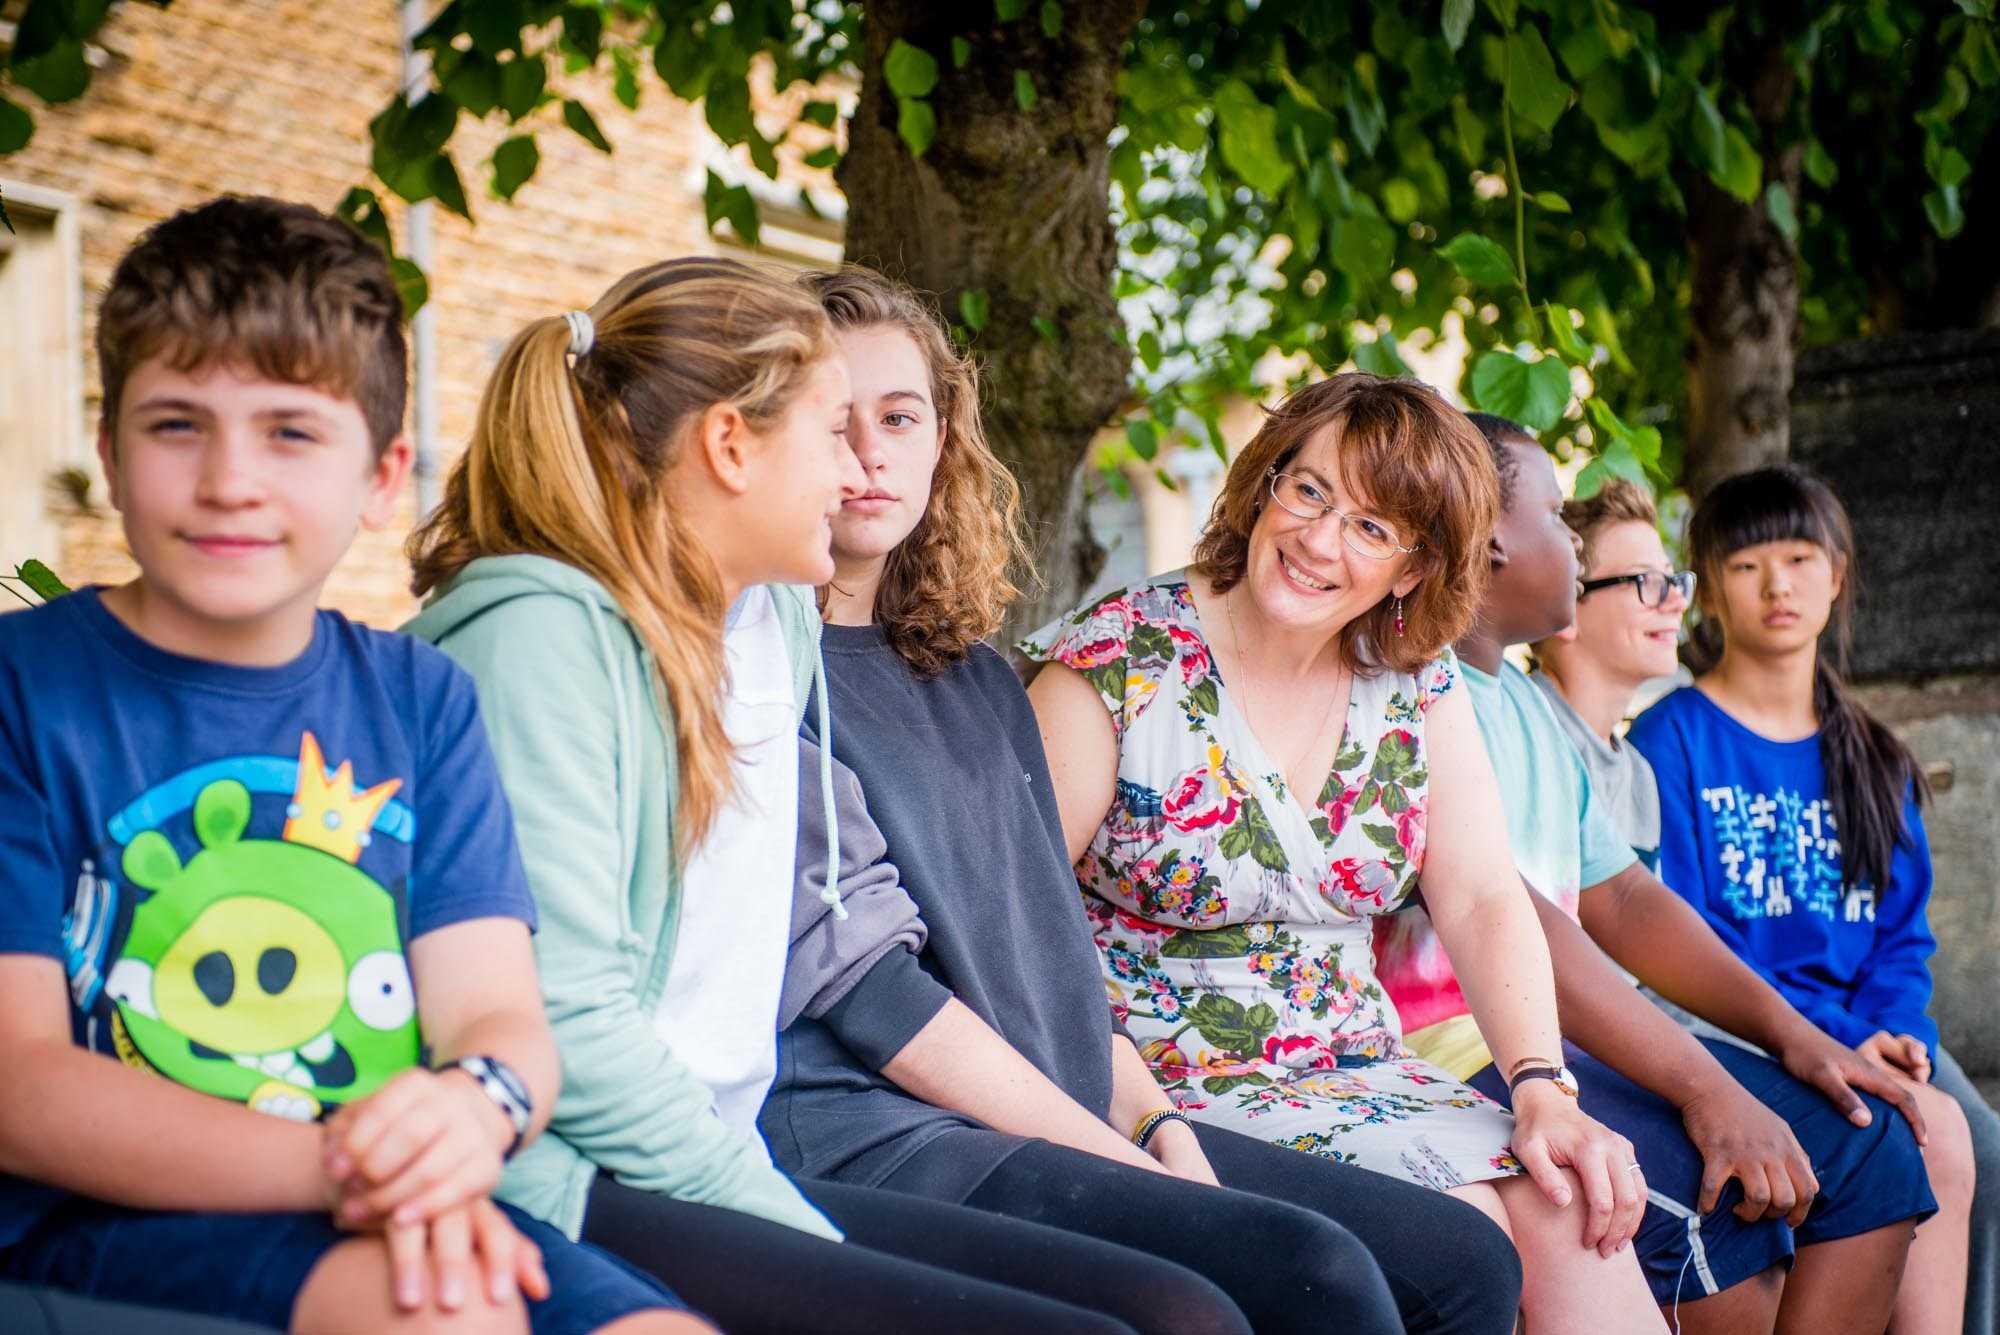 Языковой лагерь за границей: лагеря для подростков, летние детские школы - 2020, отдых за рубежом для детей